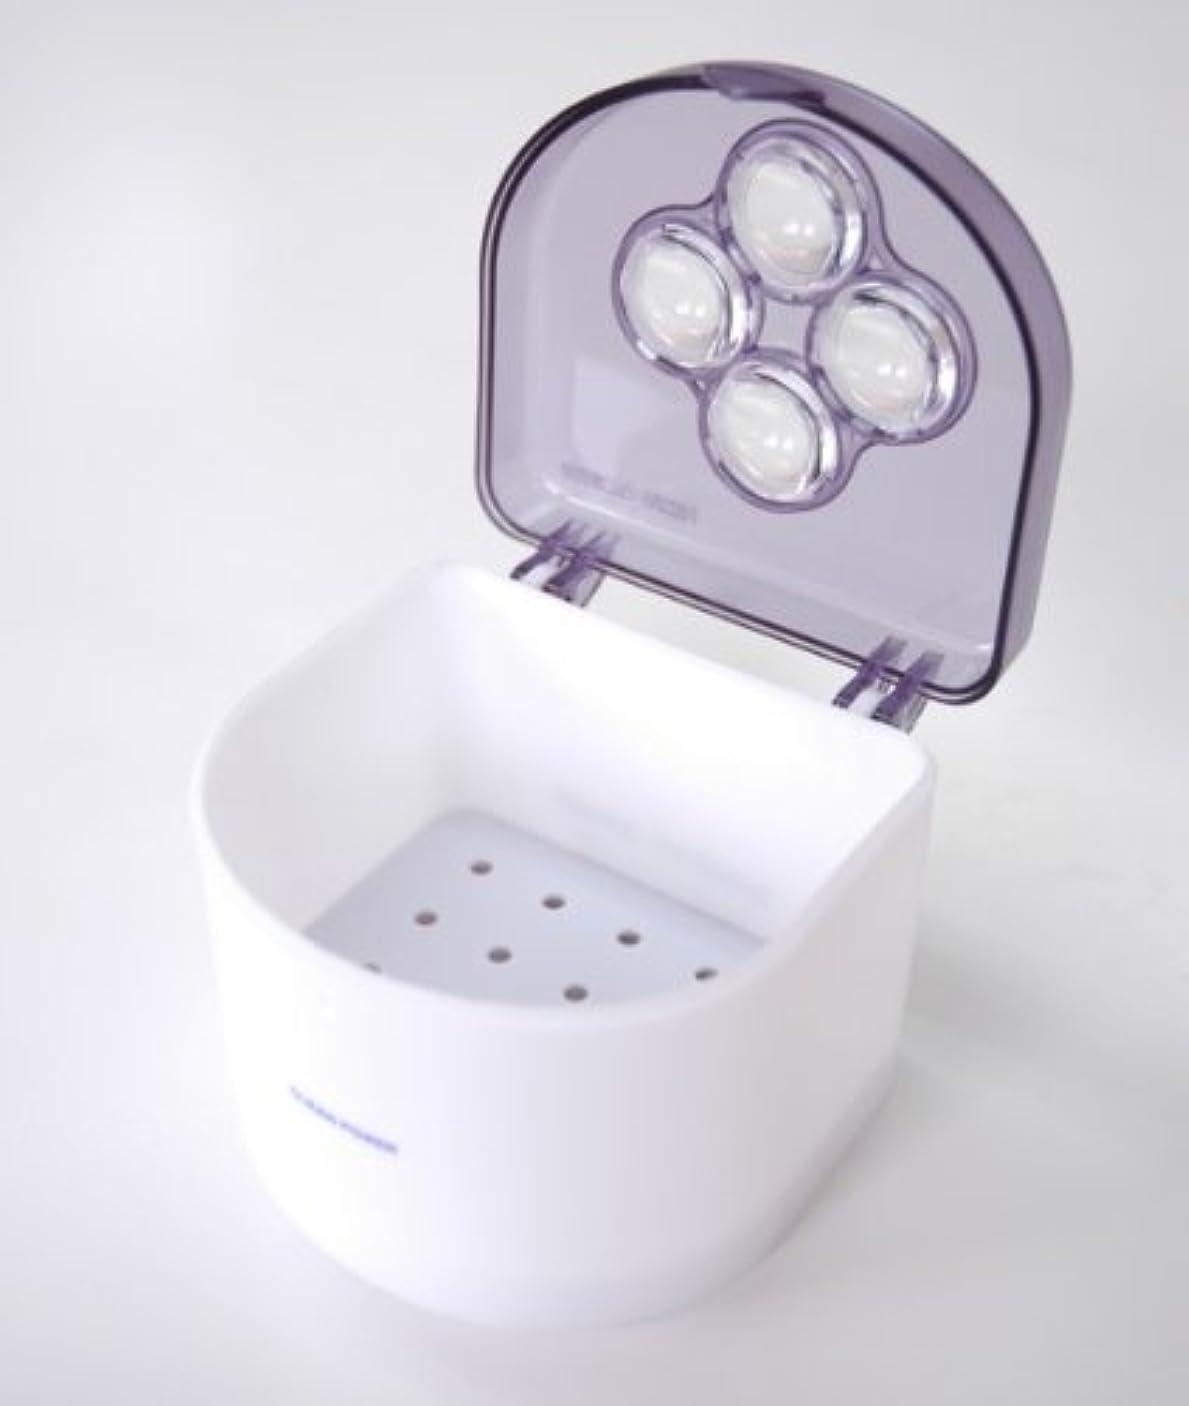 モスアルファベット最終【CLEAN POWER】入れ歯クリーナー「クリーンパワー」 2個セット 日本製